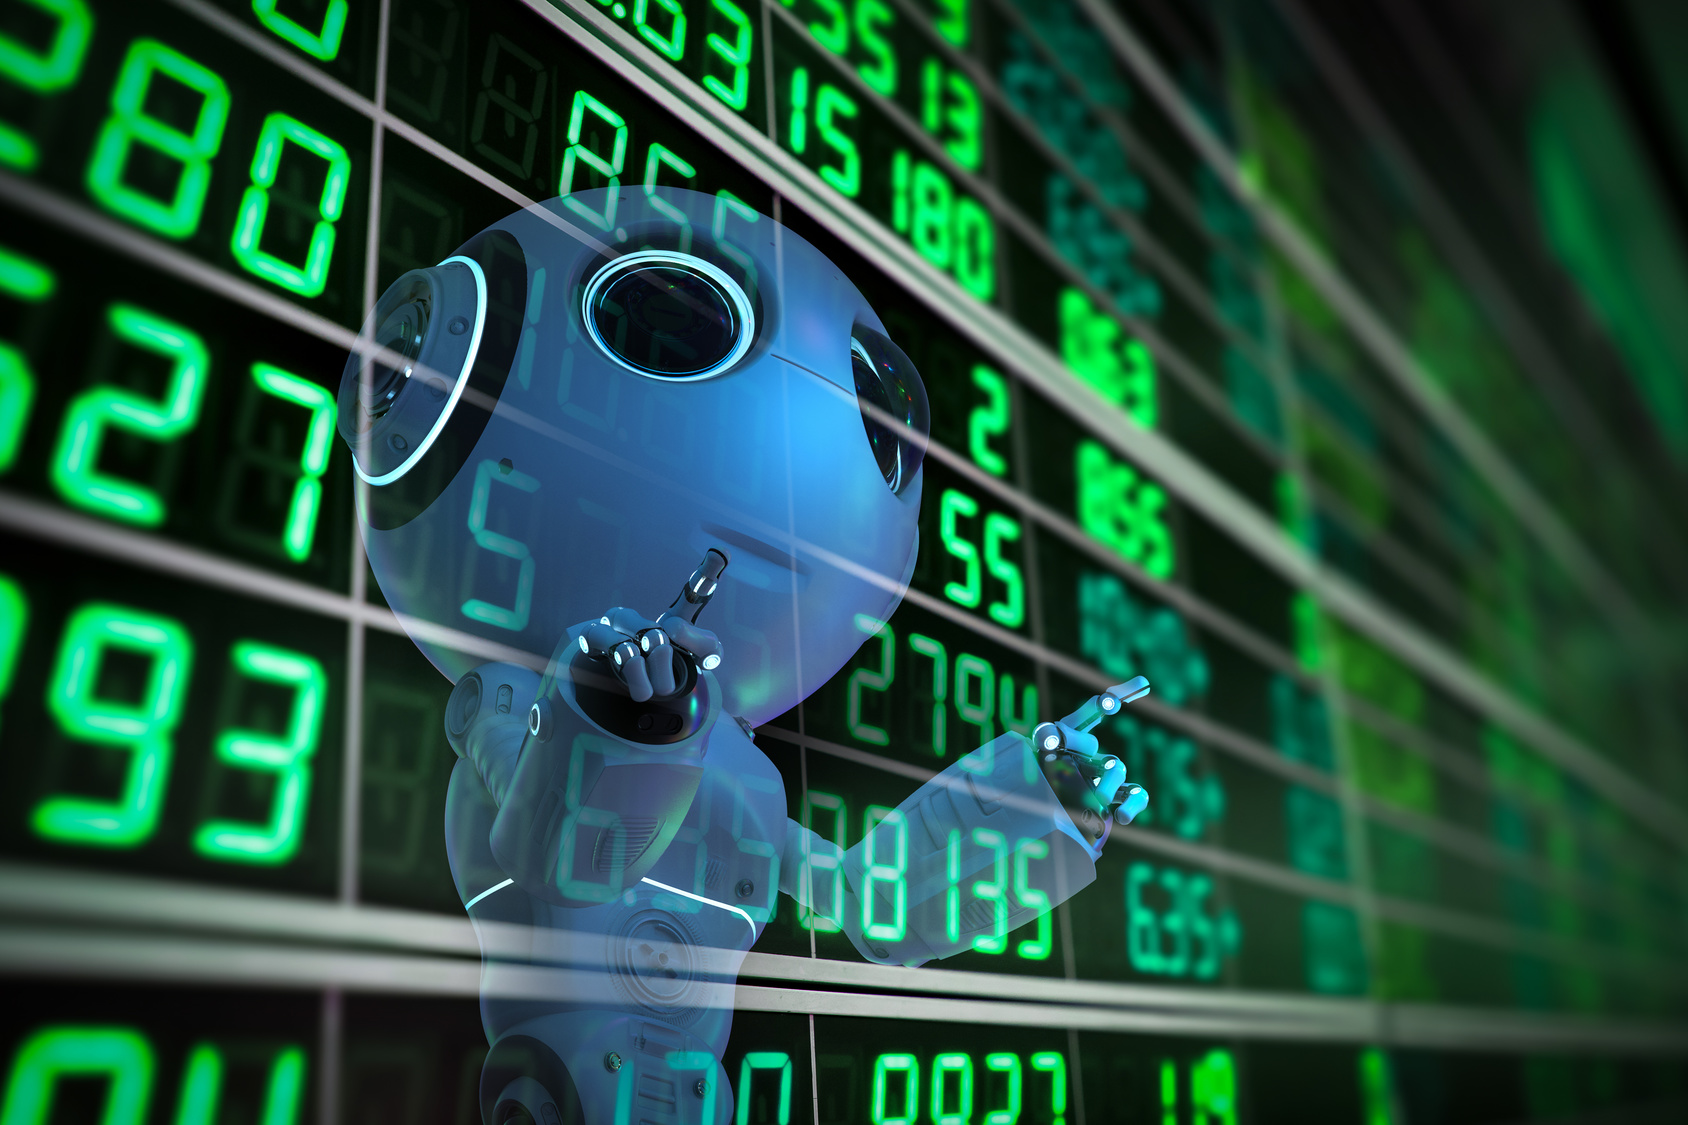 少額取引可能な「株式ミニ投資」とは?概要とメリット・デメリットをわかりやすく解説!